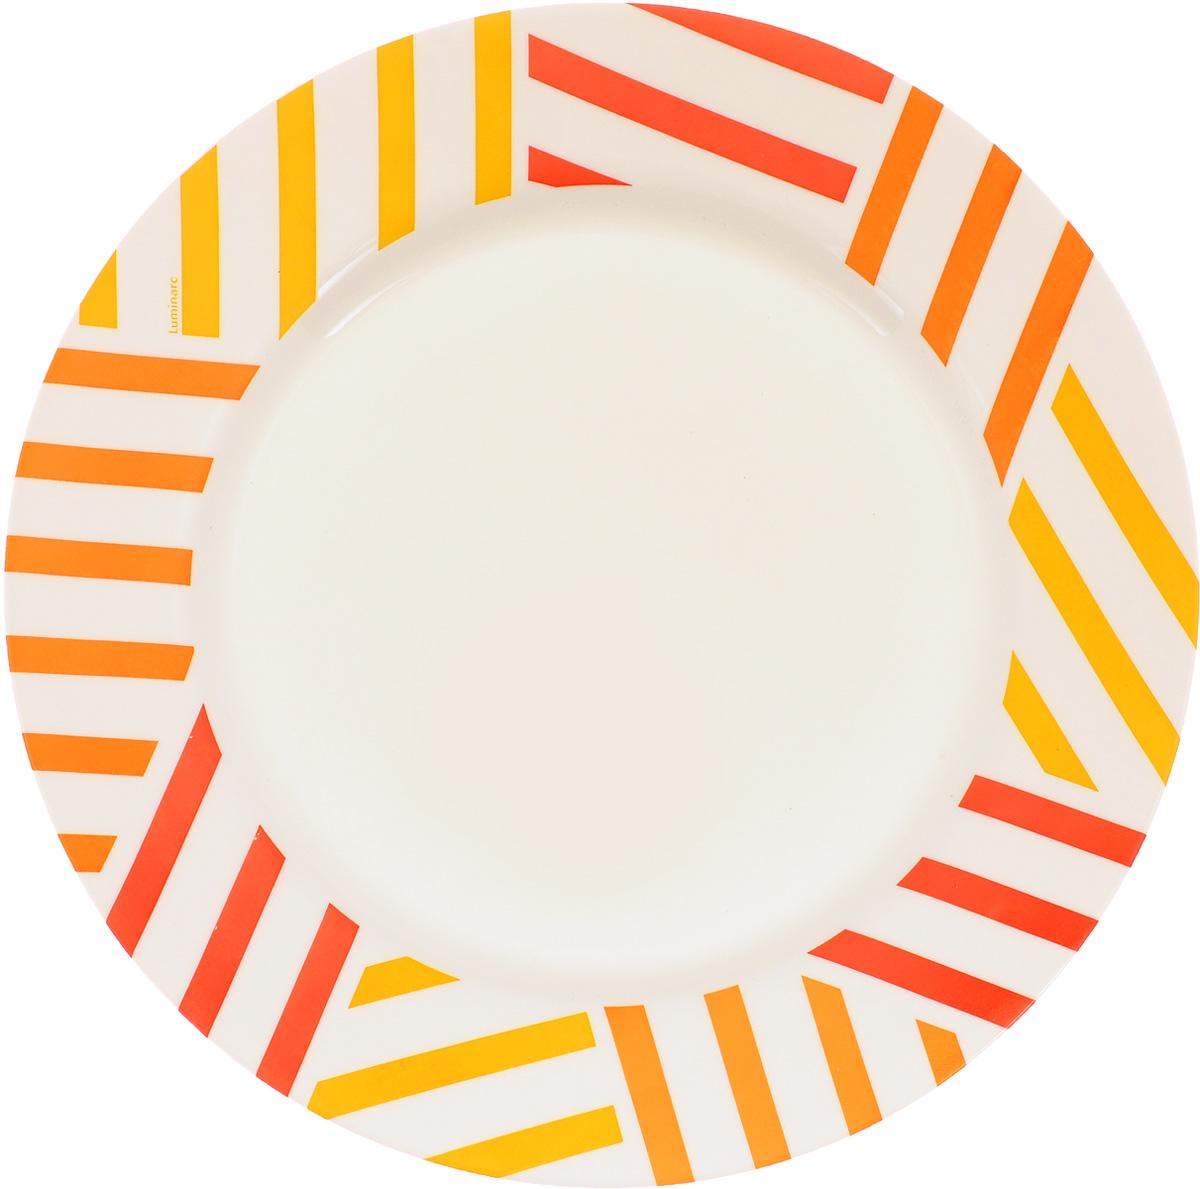 Тарелка Luminarc Balnea Sun, диаметр 26,5 смH7237Тарелка Luminarc Balnea Sun, изготовленная из ударопрочного стекла, декорирована оригинальным изображением. Такая тарелка прекрасно подходит как для торжественных случаев, так и для повседневного использования. Идеальна для подачи десертов, пирожных, тортов и многого другого. Она прекрасно оформит стол и станет отличным дополнением к вашей коллекции кухонной посуды. Диаметр тарелки (по верхнему краю): 26,5 см. Высота тарелки: 2,5 см.